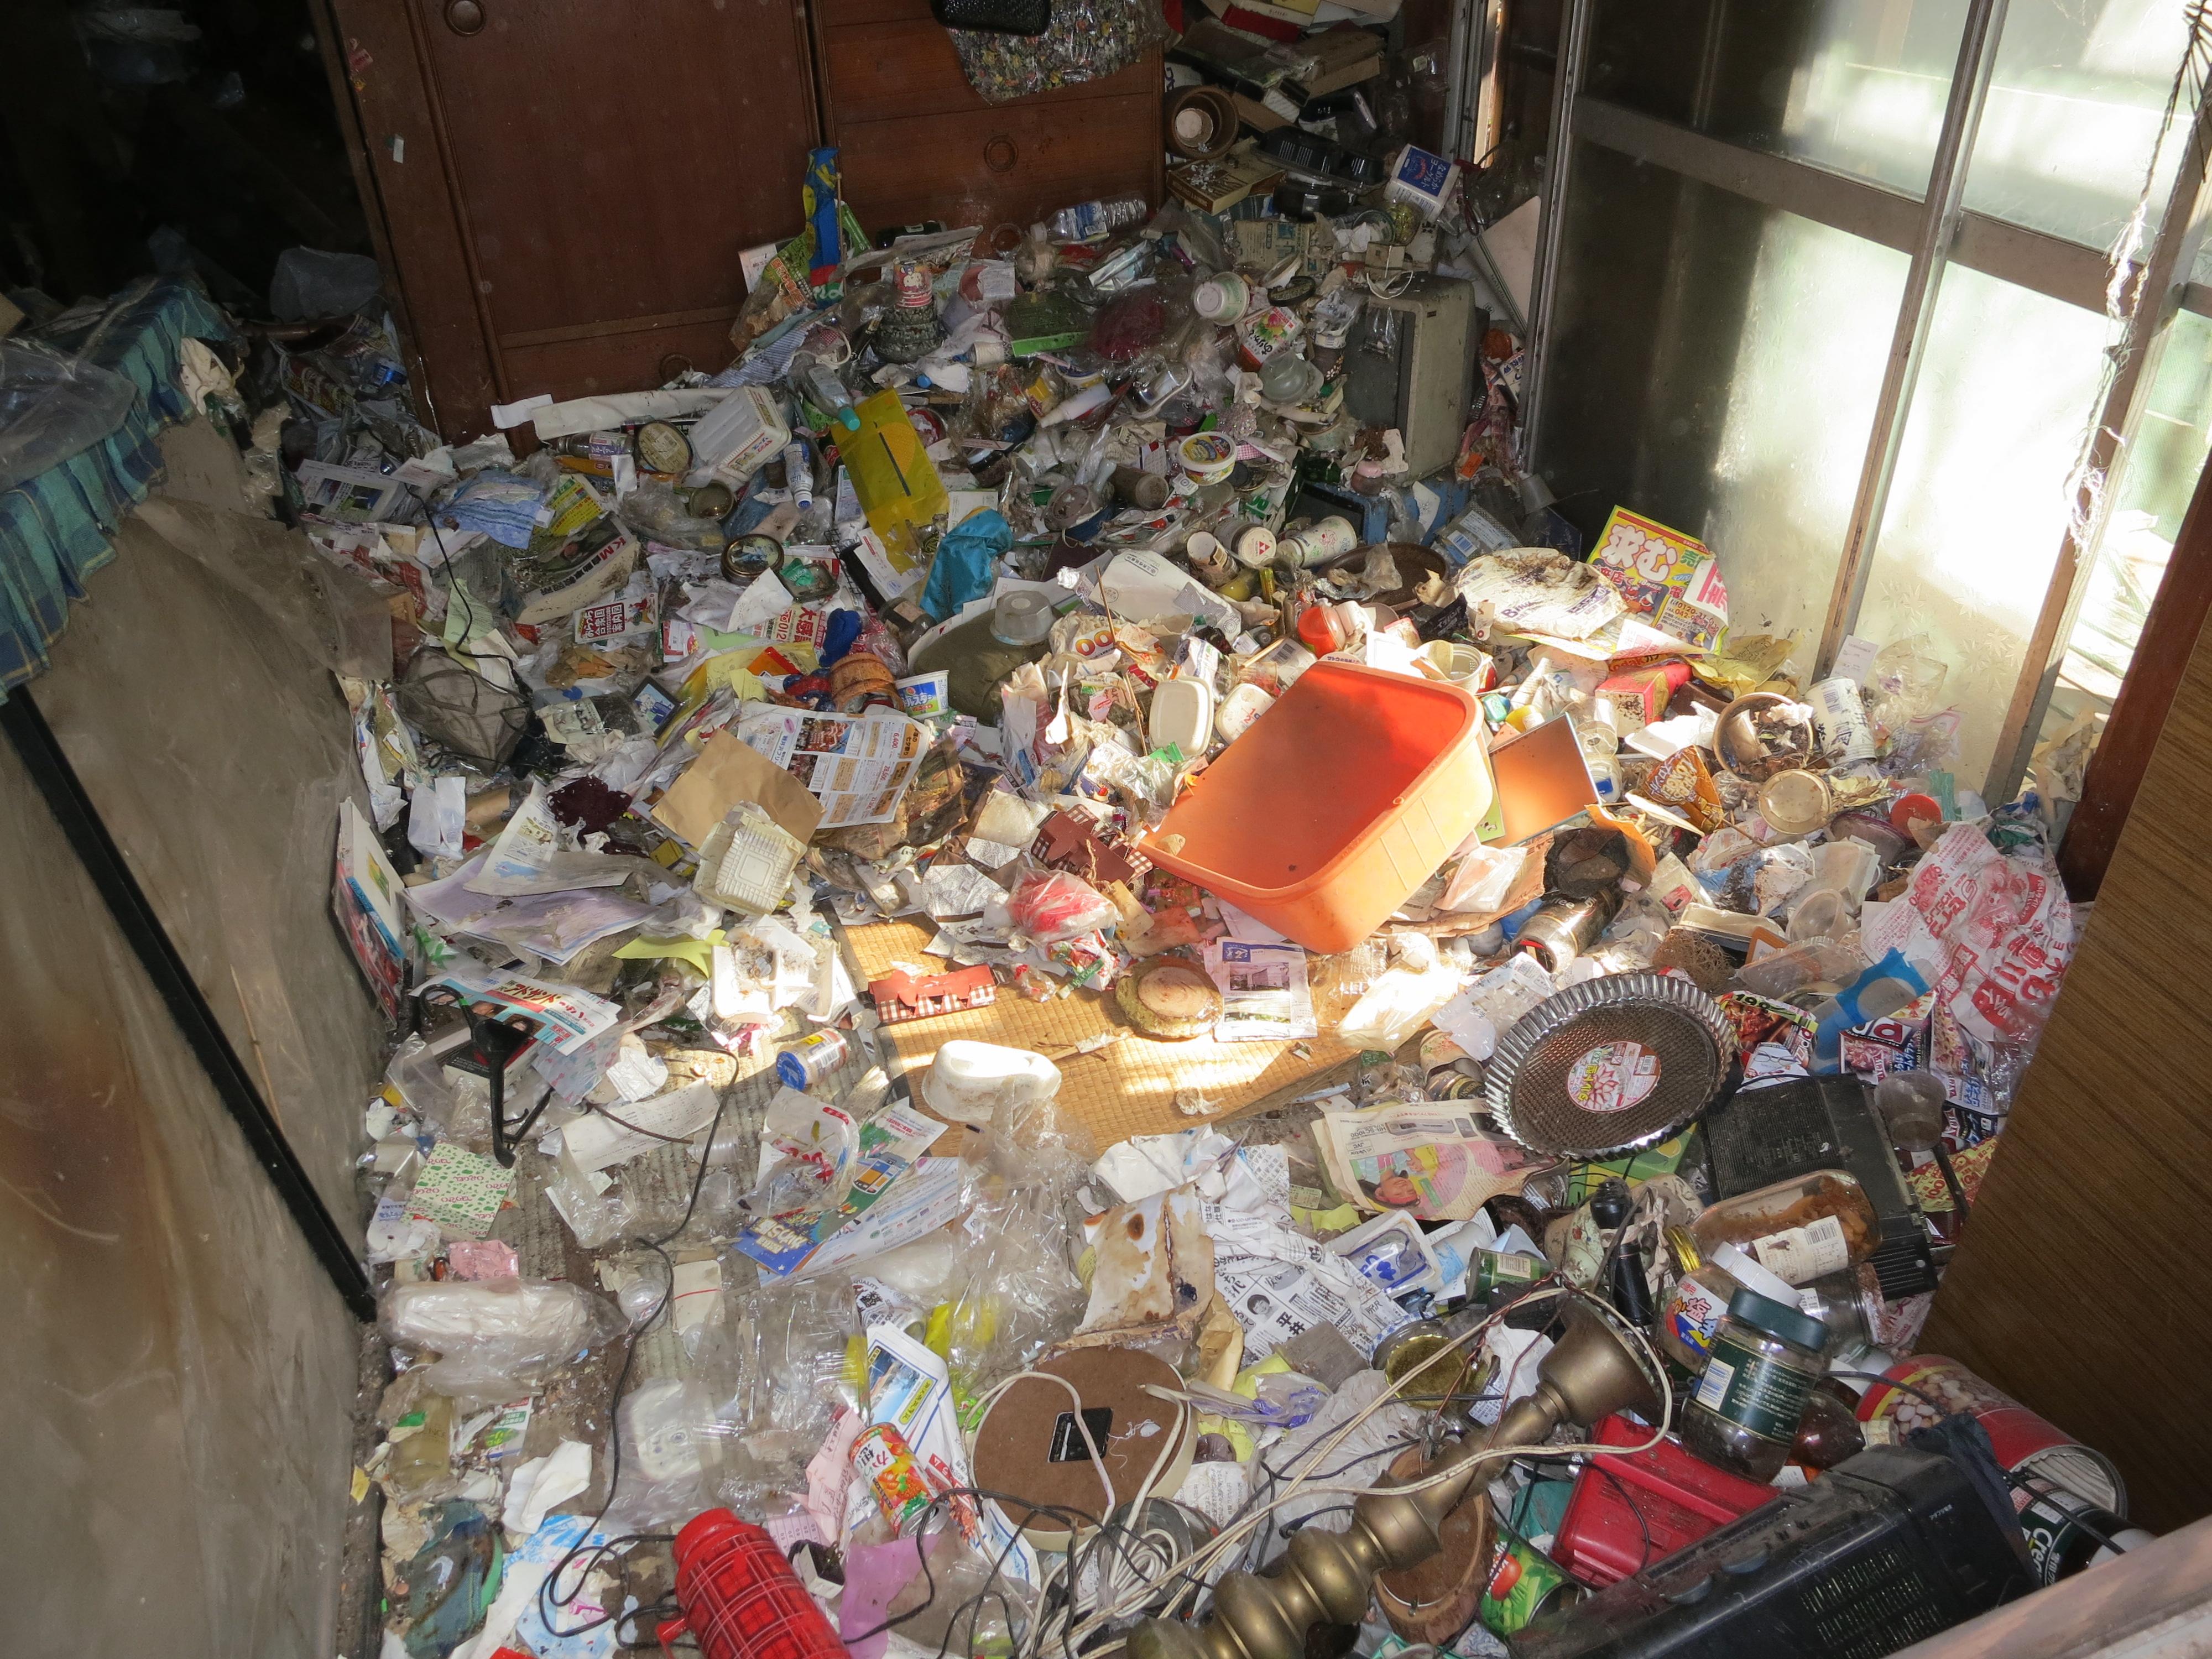 【アルファ現場レポート】ゴミ屋敷で孤独死。現場の惨状。~ゴミと害虫と臭いとの戦い~@埼玉県さいたま市北区